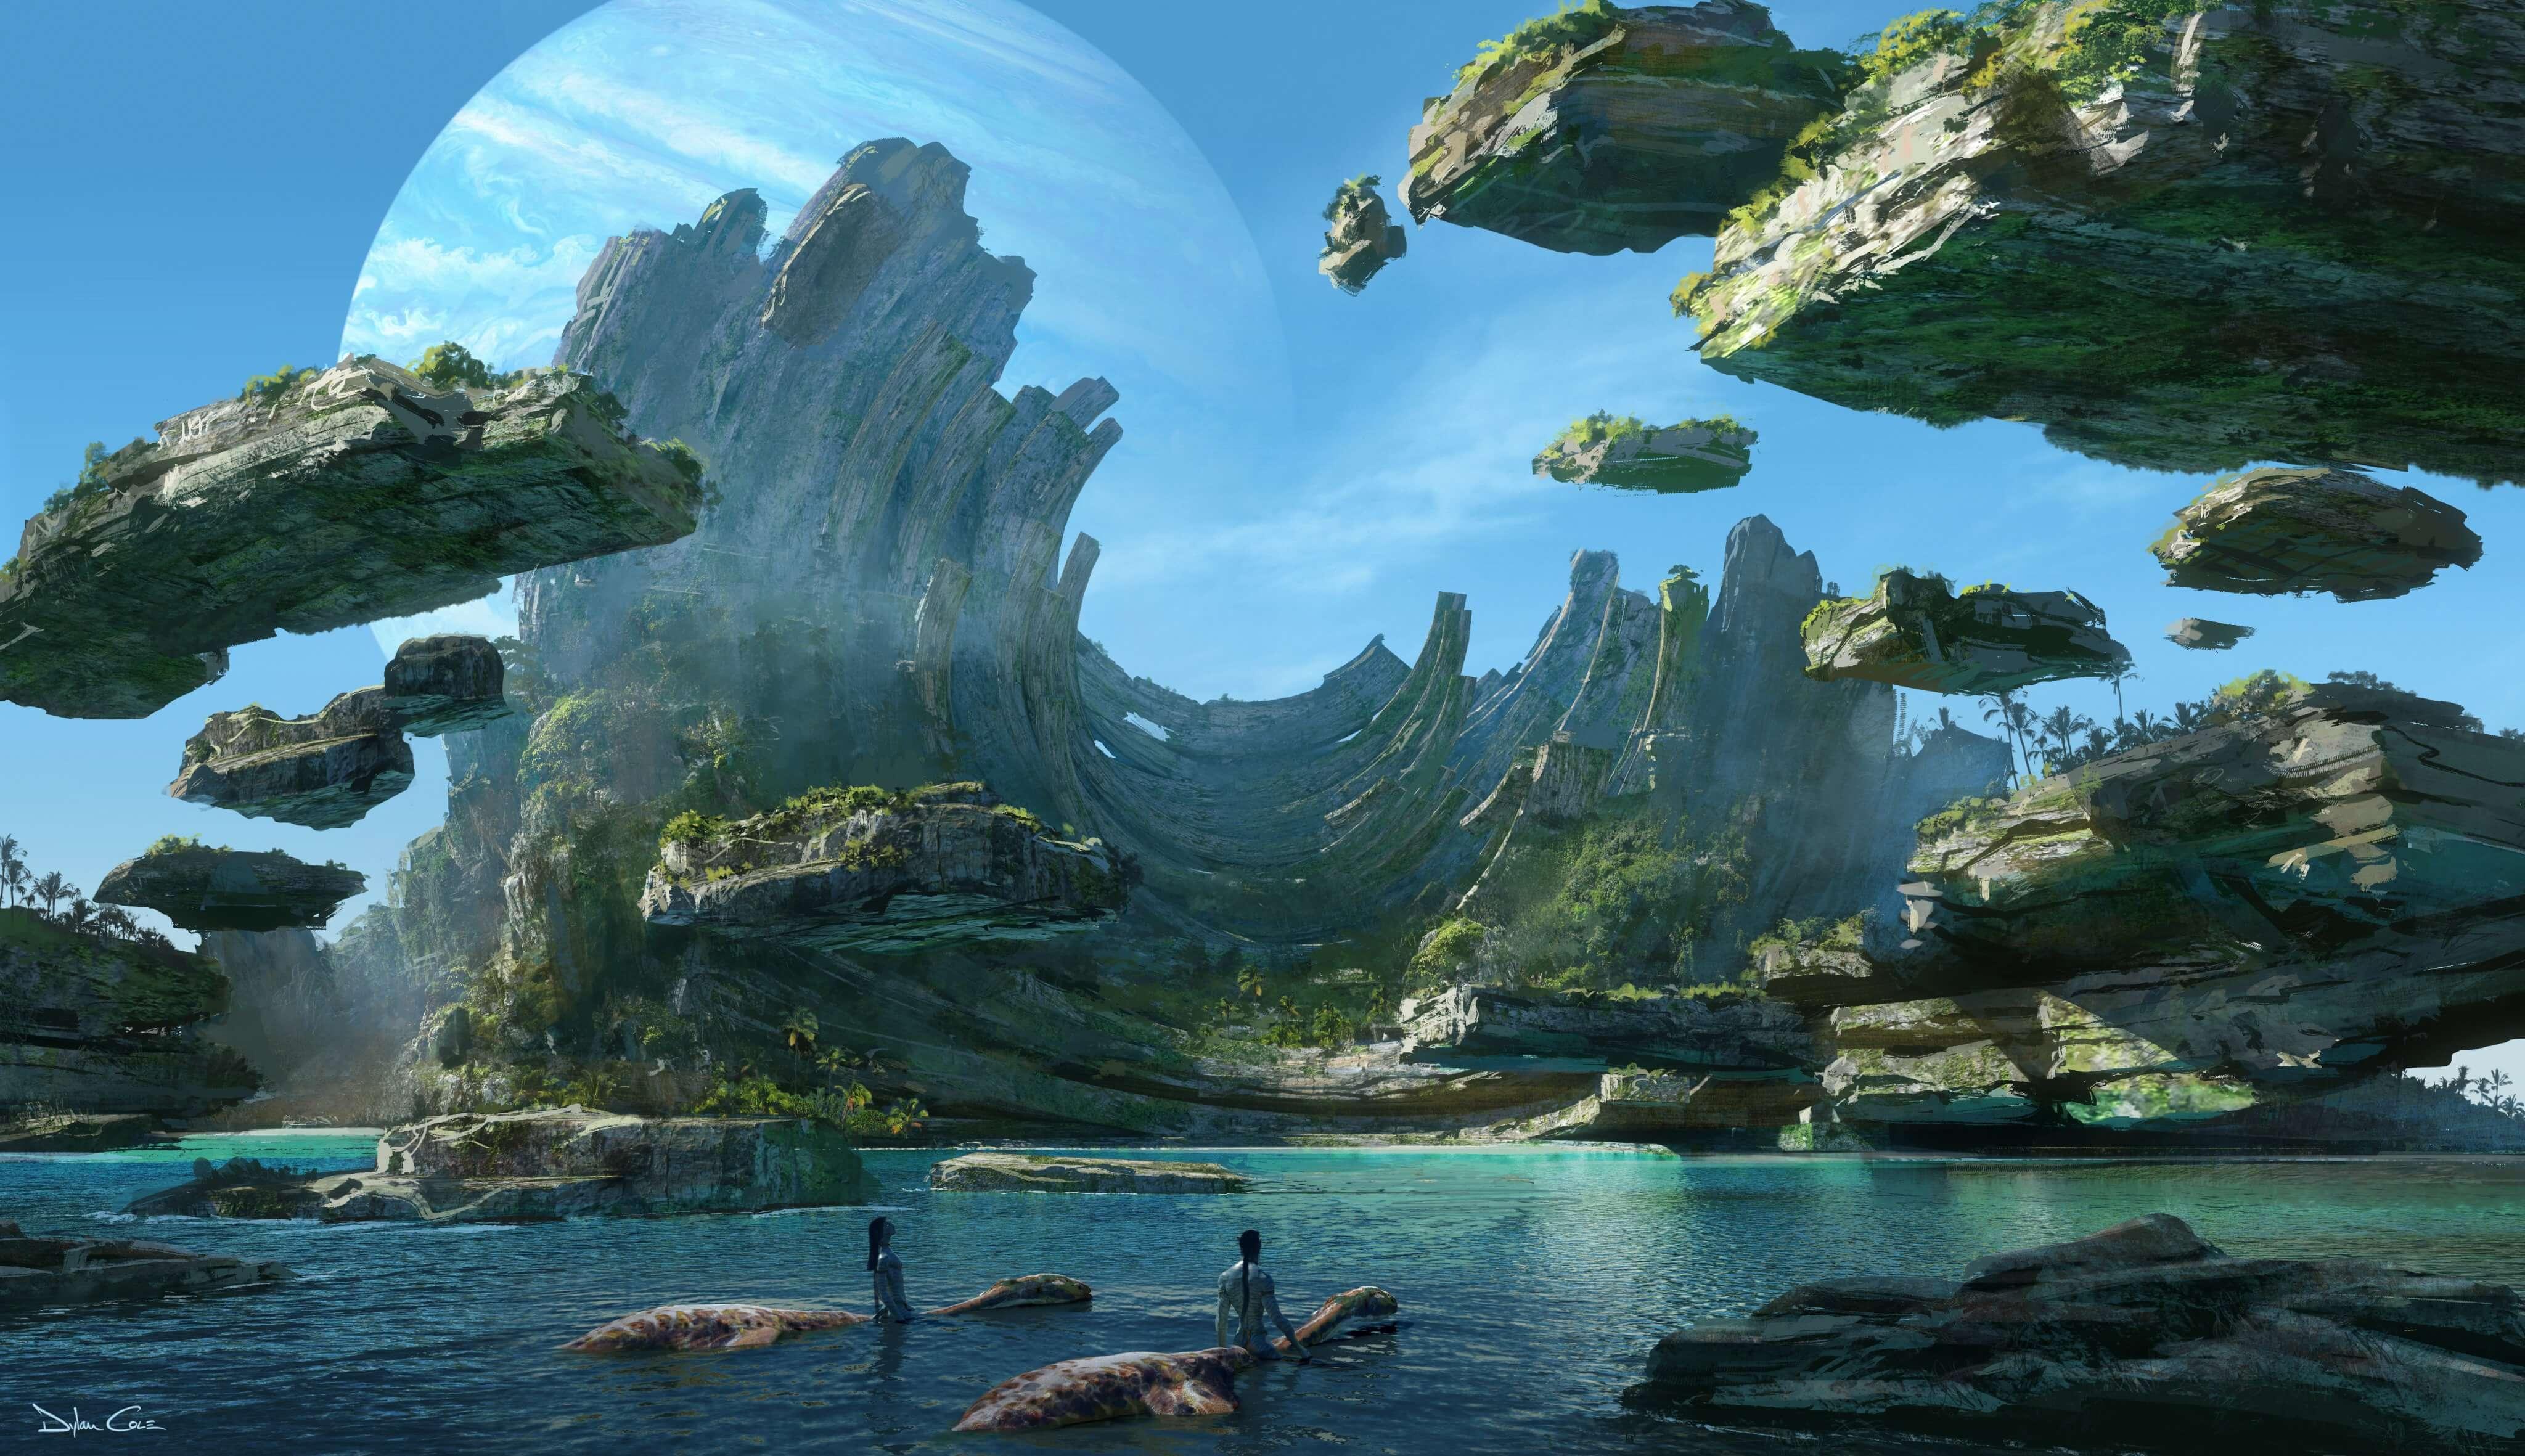 نخستین تصاویر آواتار ۲ Avatar ۲ دو سال مانده به زمان اکران منتشر شد